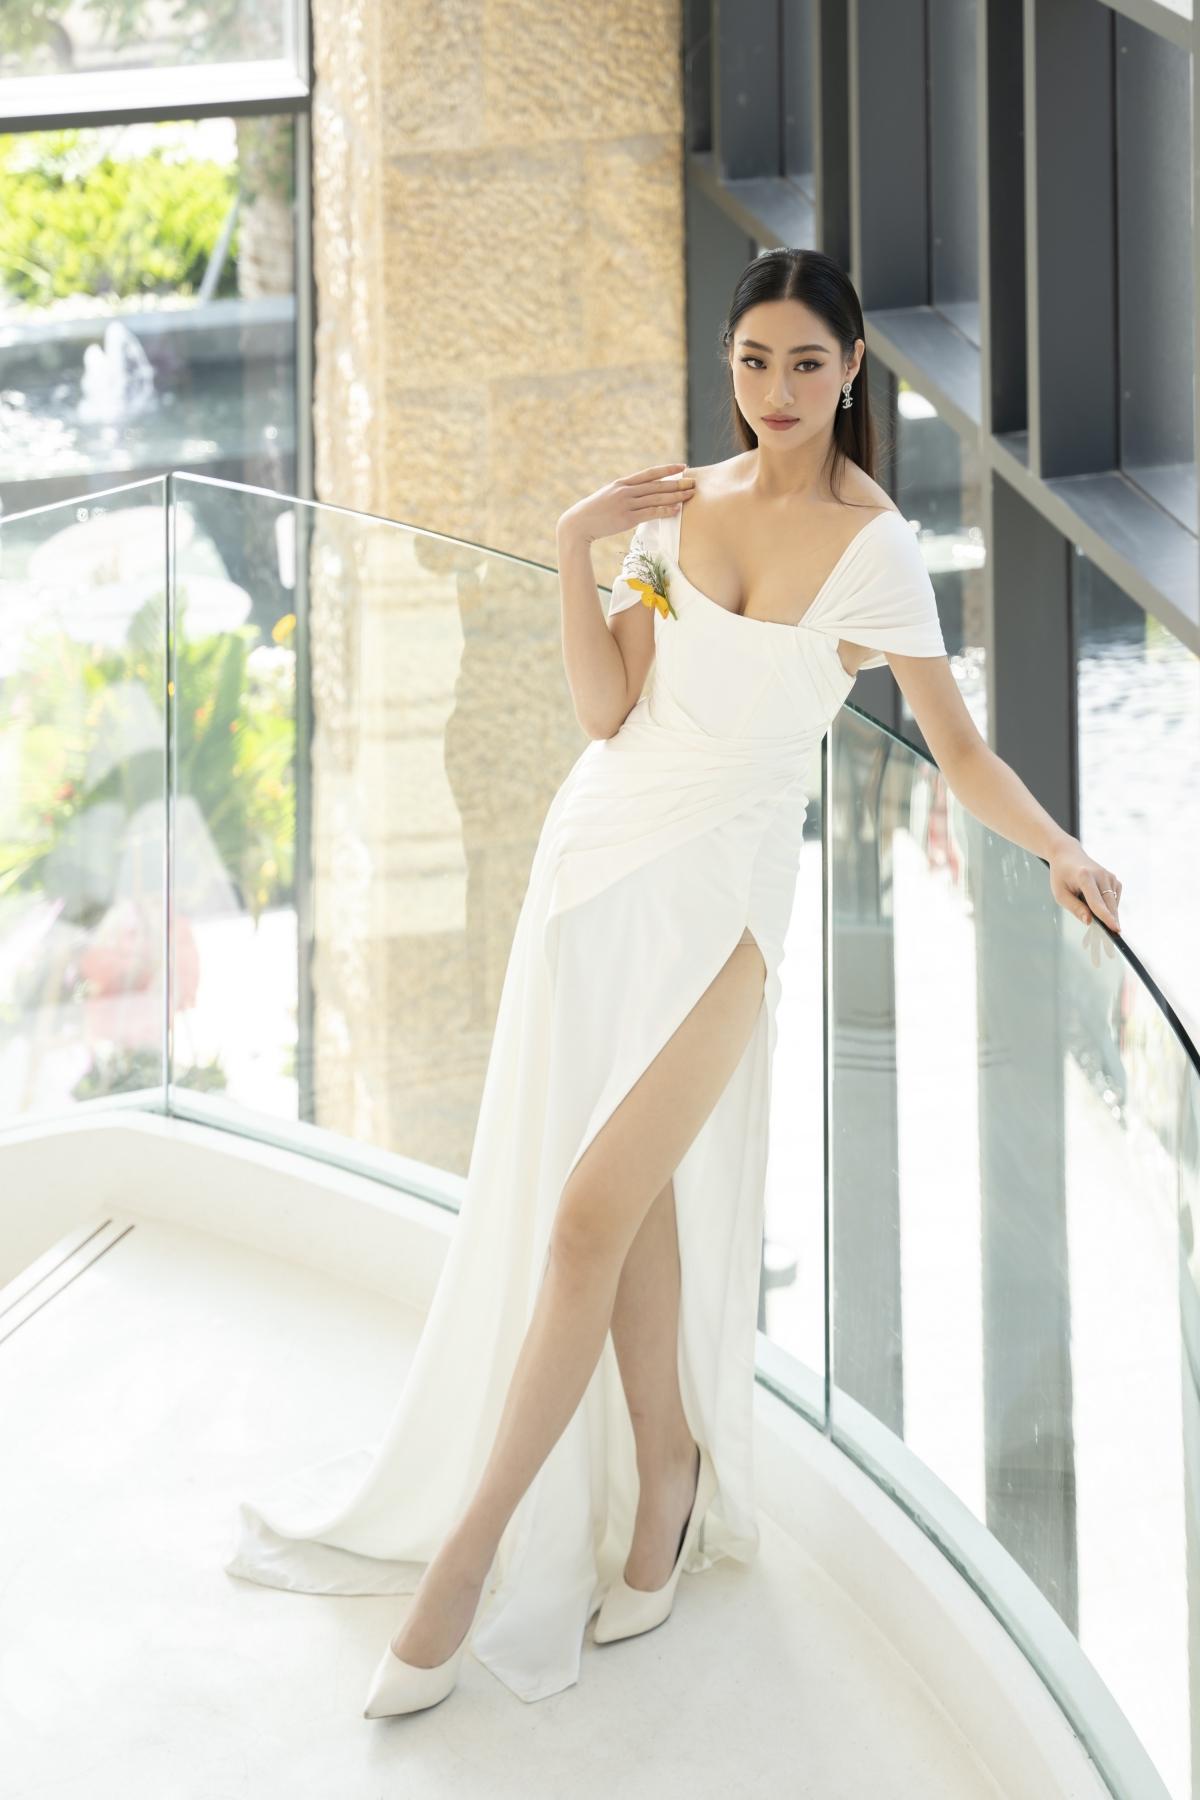 Lương Thuỳ Linh khéo léo chọn một bộ váy trắng vừa thanh lịch nhưng cũng không kém phần quyến rũ.